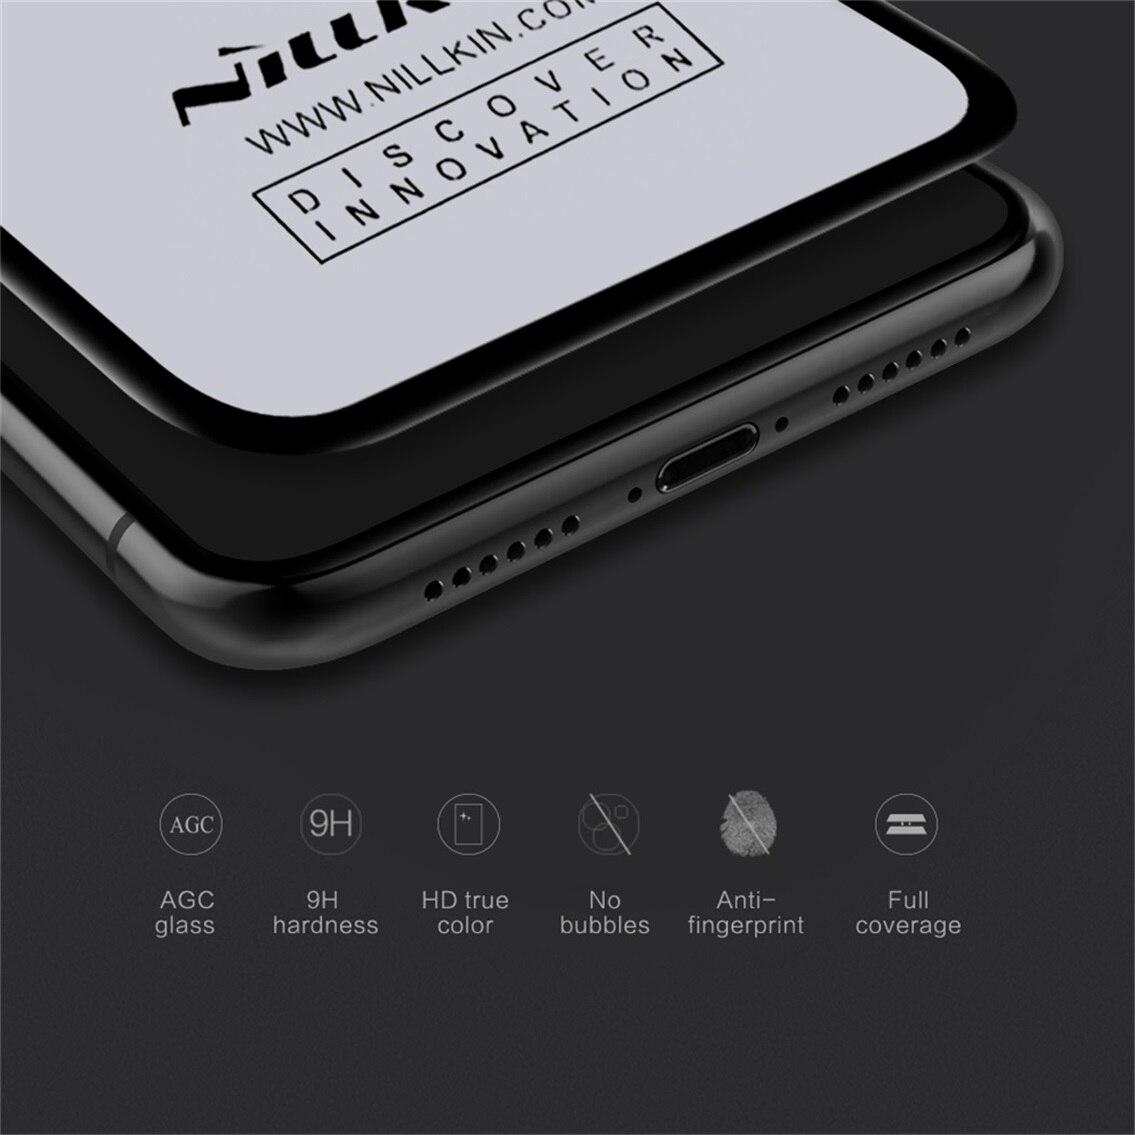 dc93faea46f 3D de vidrio templado para iPhone XS Max Protector de pantalla para iPhone  XR/XS/X NILLKIN increíble de la cubierta completa anti-burst película  protectora